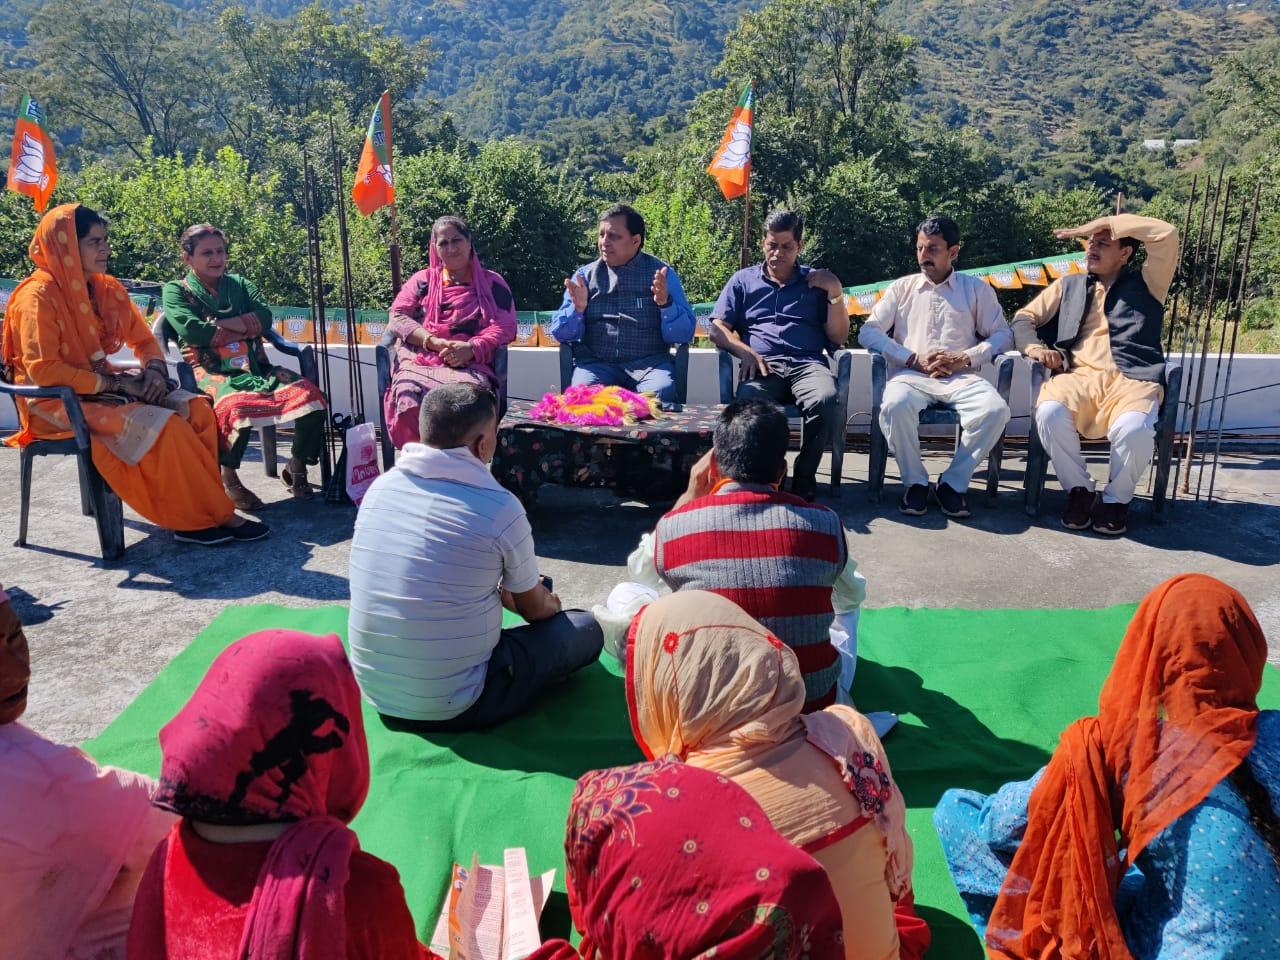 वीरभद्र सिंह भी नहीं करवा पाए अर्की का विकास, अब भाजपा को मिल रहा जनता का पूर्ण समर्थन- कंवर